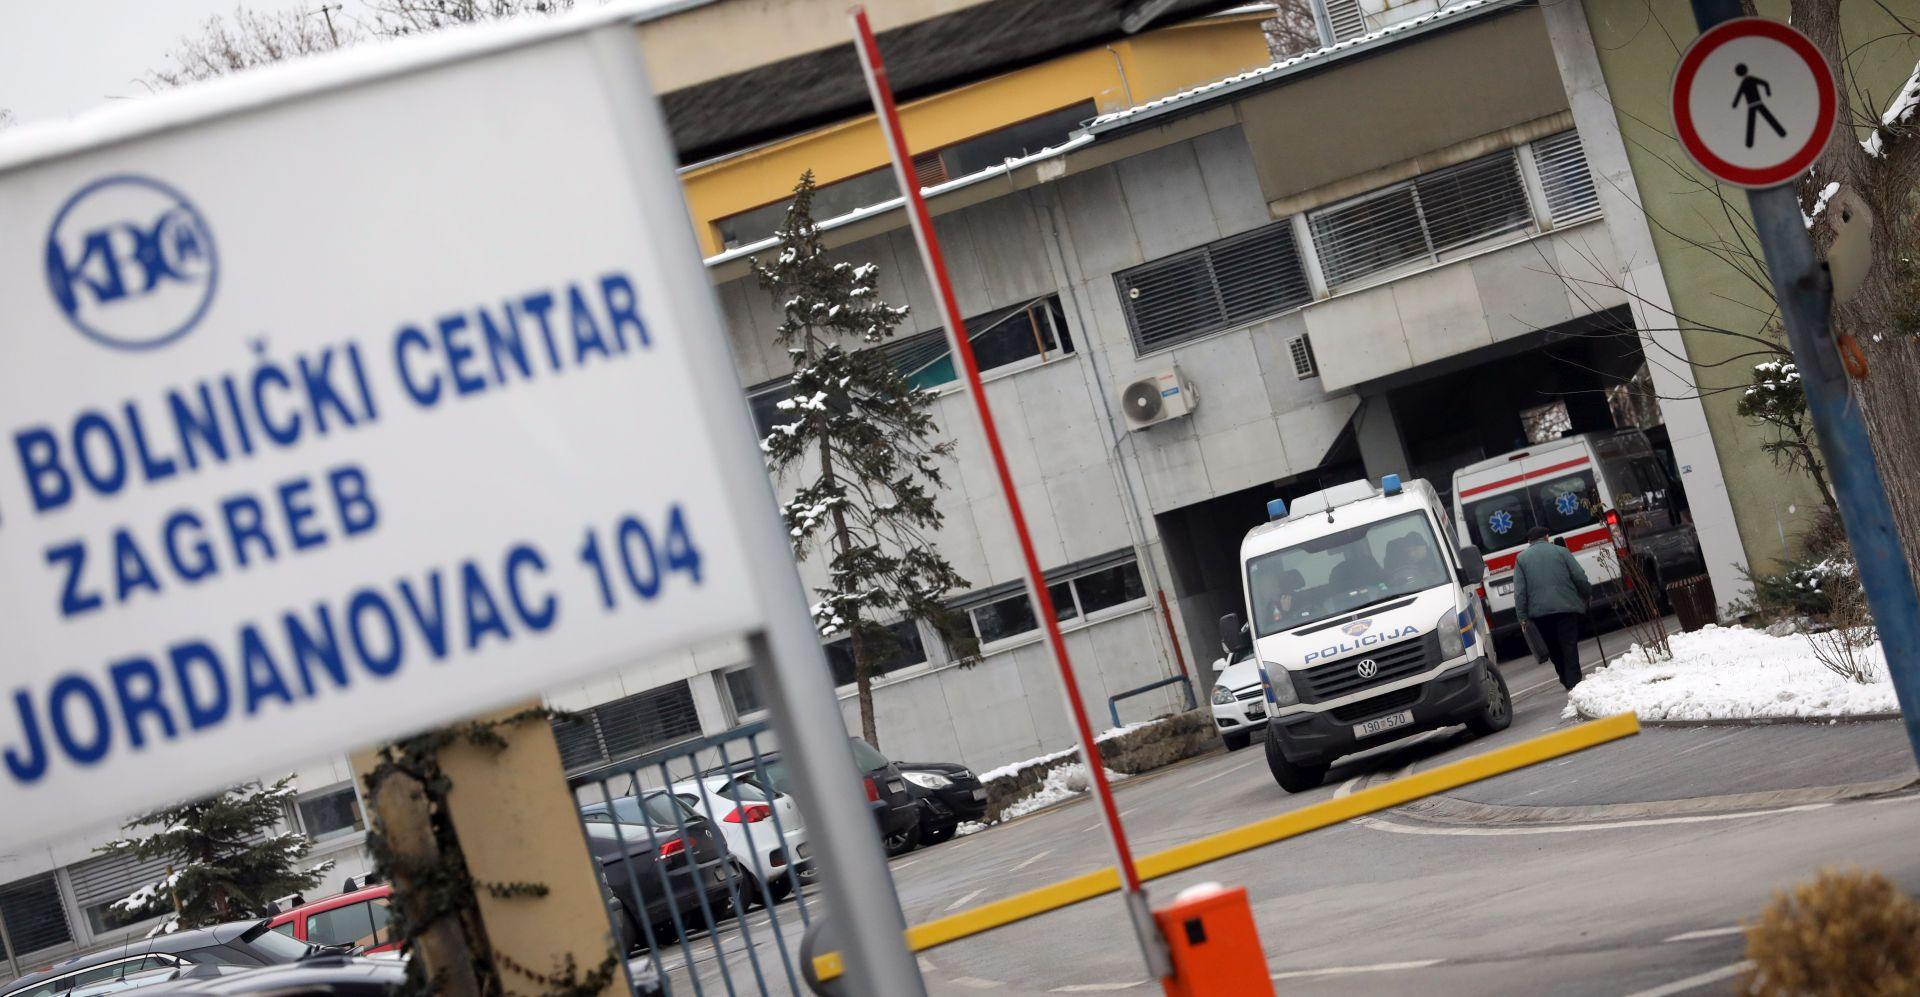 Zbog incidenta u bolnici na Jordanovcu privedeno sedam osoba, među njima i maloljetnici